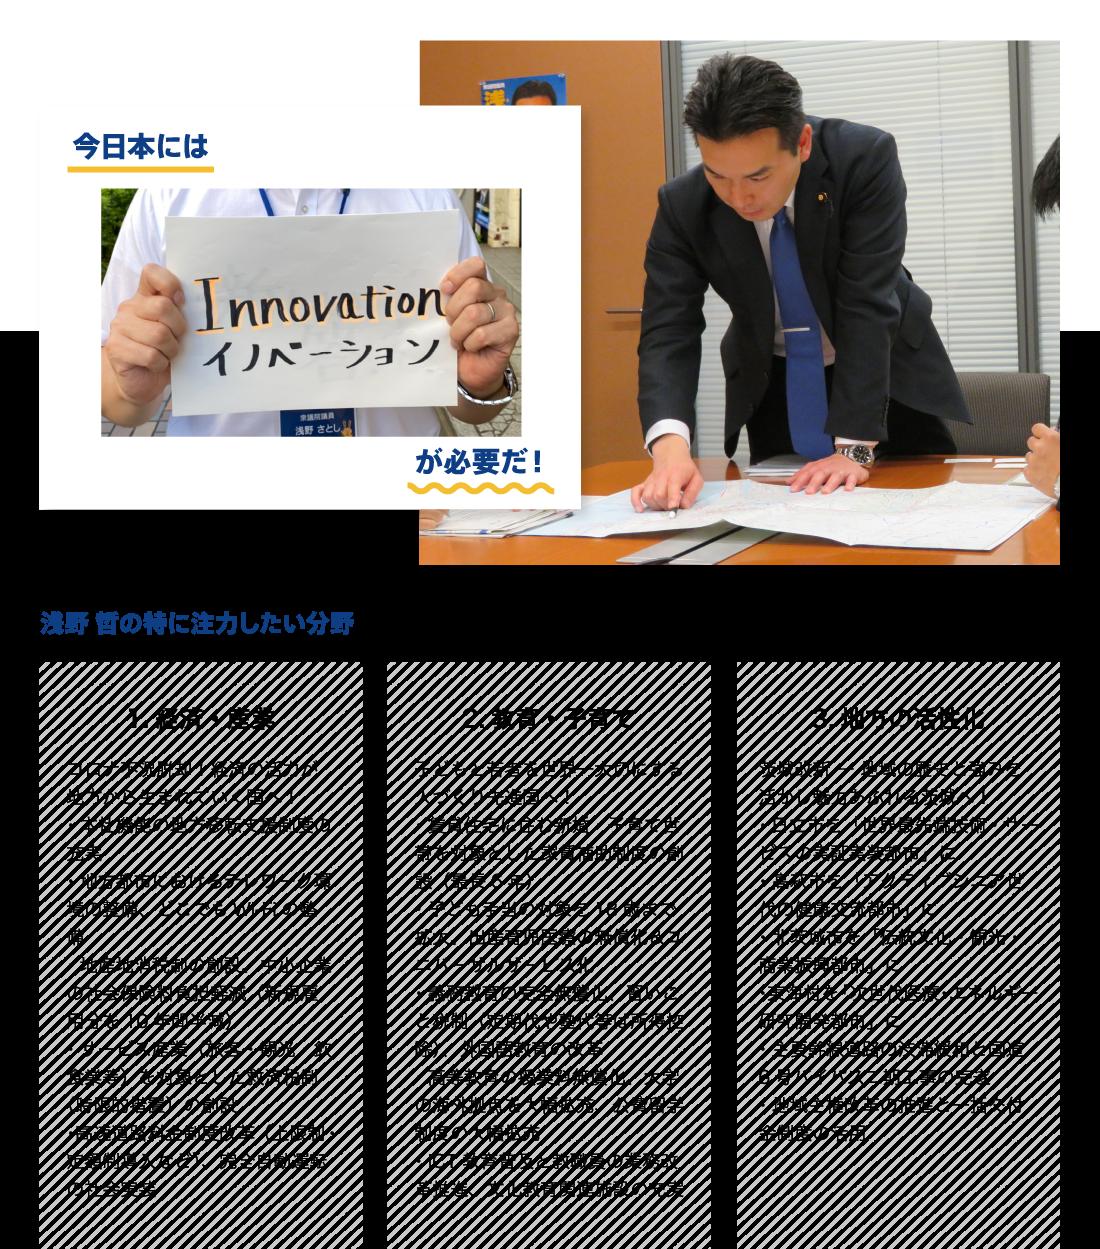 ●今日本には「イノベーション(革新)」が必要だ! ●浅野哲が特に注力したい分野:経済産業「コロナ不況脱却!経済の活力が地方から生まれていく国へ! ・本社機能の地方移転支援制度の充実 ・地方都市におけるテレワーク環境の整備、どこでもWi-Fiの整備 ・地産地消税制の創設、中小企業の社会保険料負担軽減(新規雇用分を10年間半減) ・サービス産業(旅客・観光・飲食業等)を対象とした救済税制(時限的措置)の創設 ・高速道路料金制度改革(上限制・定額制導入など)、完全自動運転の社会実装」、教育・子育て「子どもと若者を世界一大切にする人づくり先進国へ! ・賃貸住宅に住む新婚・子育て世帯を対象とした家賃補助制度の創設(最長6年) ・子ども手当の対象を18歳まで拡大、出産育児医療の無償化&ユニバーサルサービス化 ・義務教育の完全無償化、習いごと税制(定期代や塾代等は所得控除)、外国語教育の改革 ・高等教育の授業料無償化、大学の海外拠点を大幅拡充、公費留学制度の大幅拡充 ・ICT教育普及と教職員の業務改革推進、文化教育関連施設の充実」、地方の活性化「茨城改新 ― 地域の歴史と強みを活かし魅力あふれる茨城へ! ・日立市を「世界最先端技術・サービスの実証実装都市」に ・高萩市を「アクティブシニア世代の健康交流都市」に ・北茨城市を「伝統文化・観光・商業振興都市」に ・東海村を「次世代医療・エネルギー研究開発都市」に ・主要幹線道路の渋滞緩和と国道6号バイパス二期工事の完遂 ・地域主権改革の推進と一括交付金制度の活用」